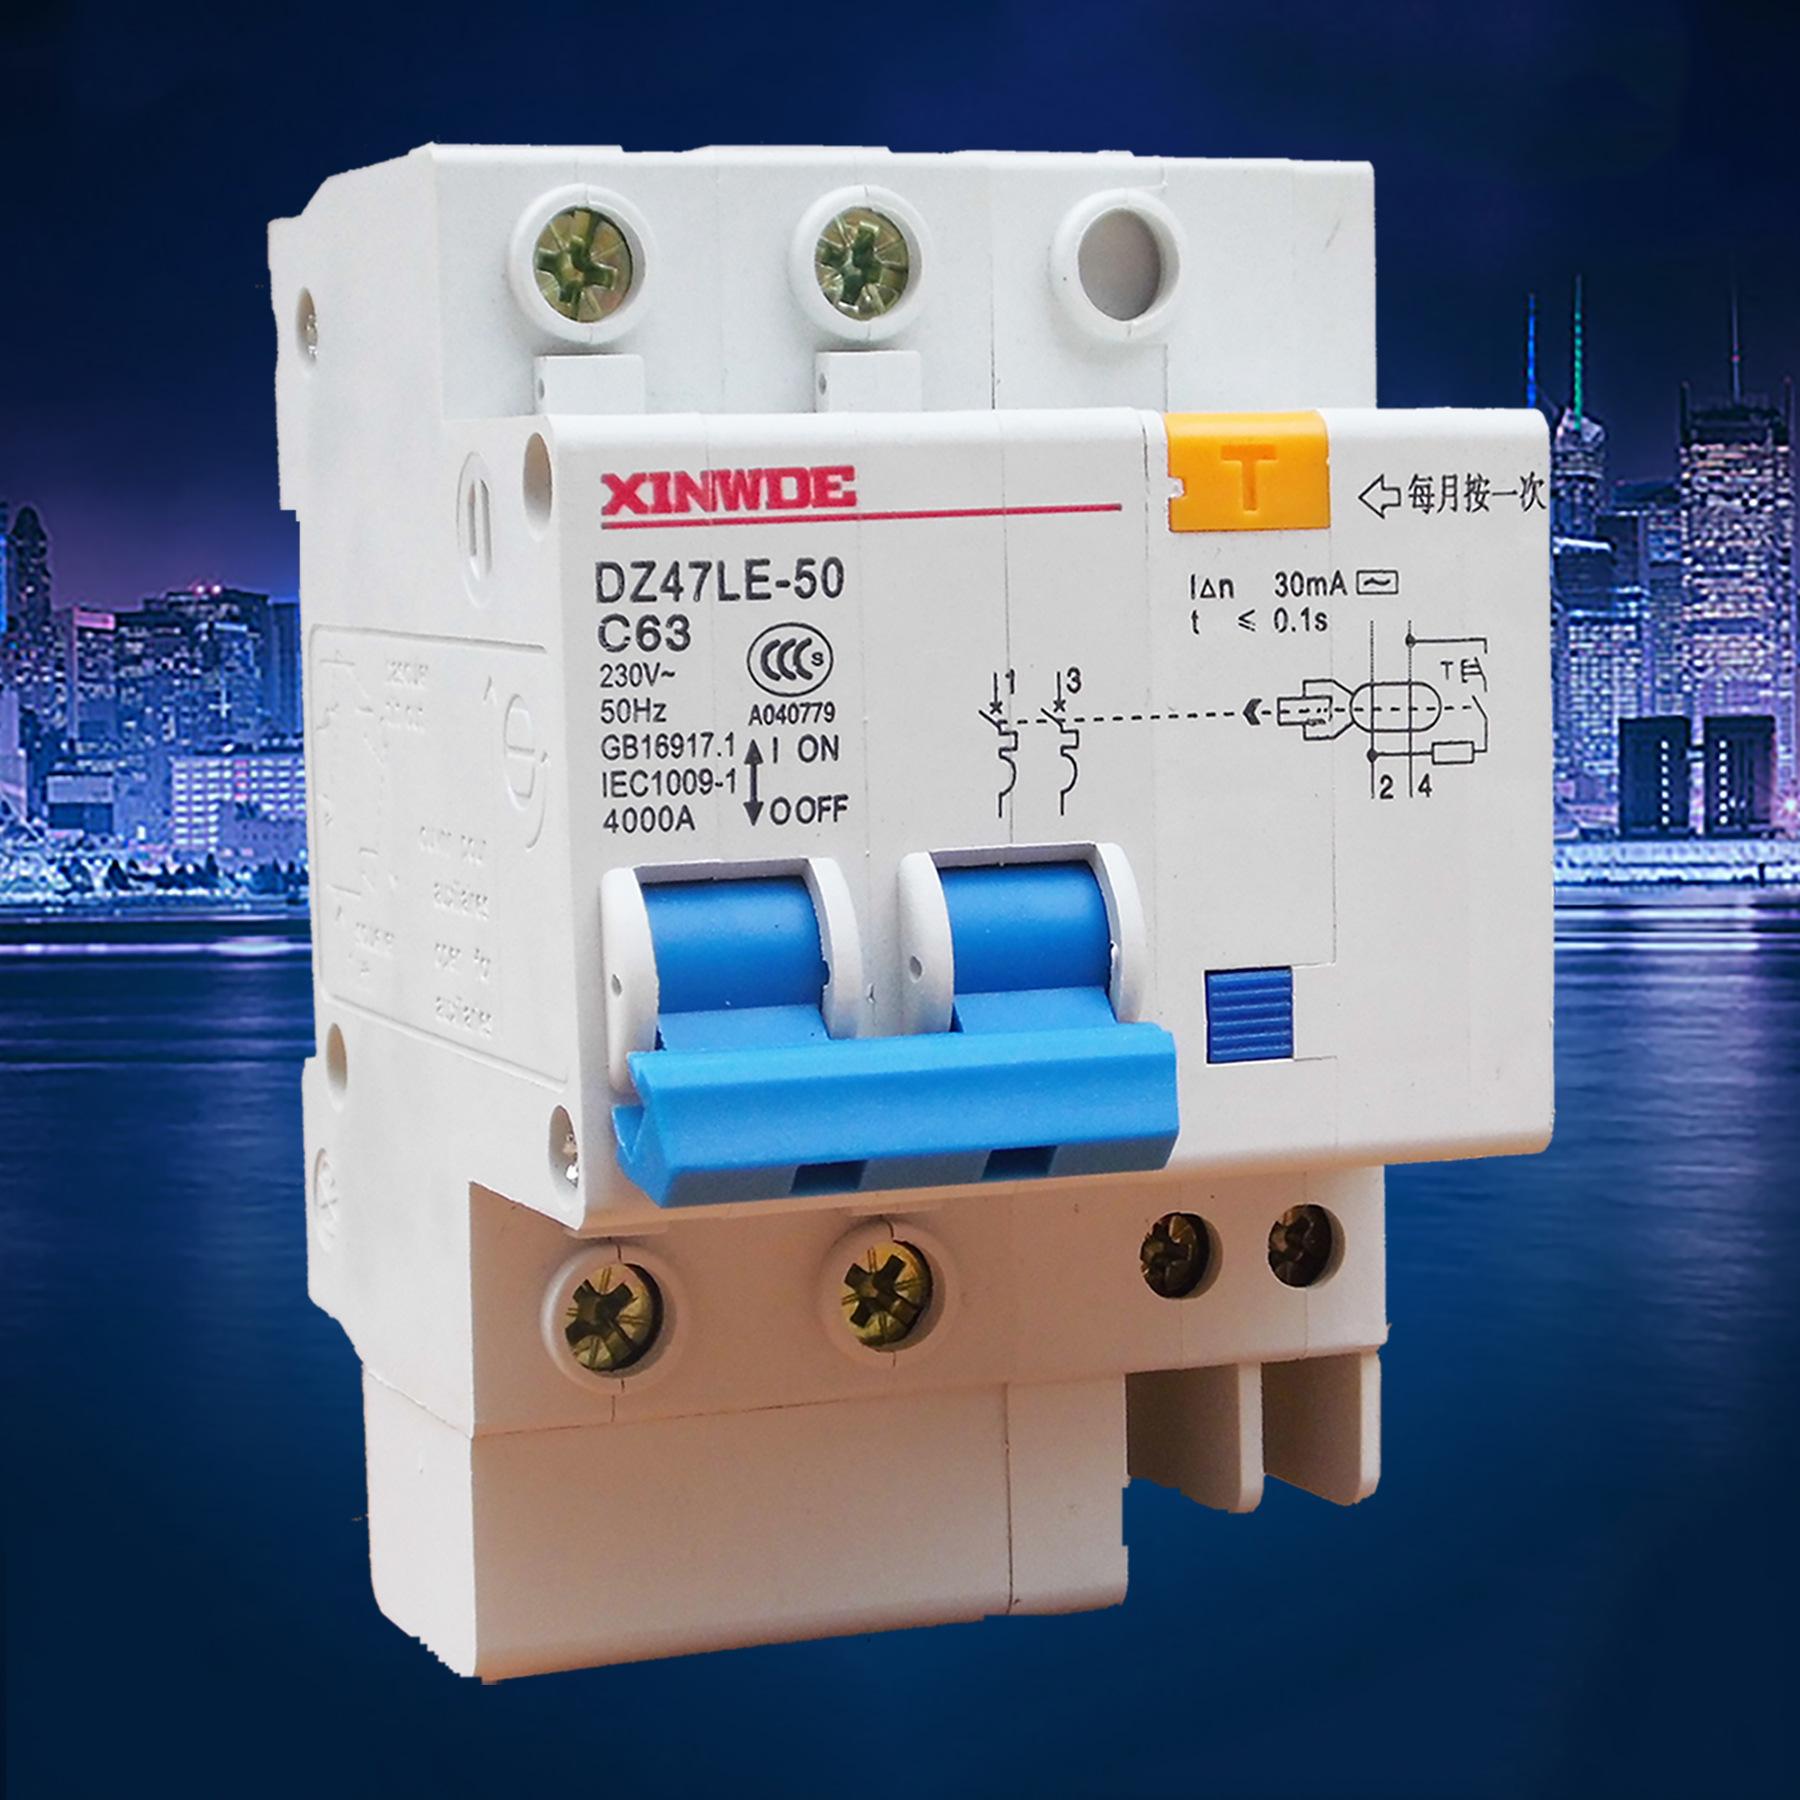 Thiết bị ngắt mạch bảo vệ chống rò rỉ gia đình 32A / DZ47LE-63 2P c45